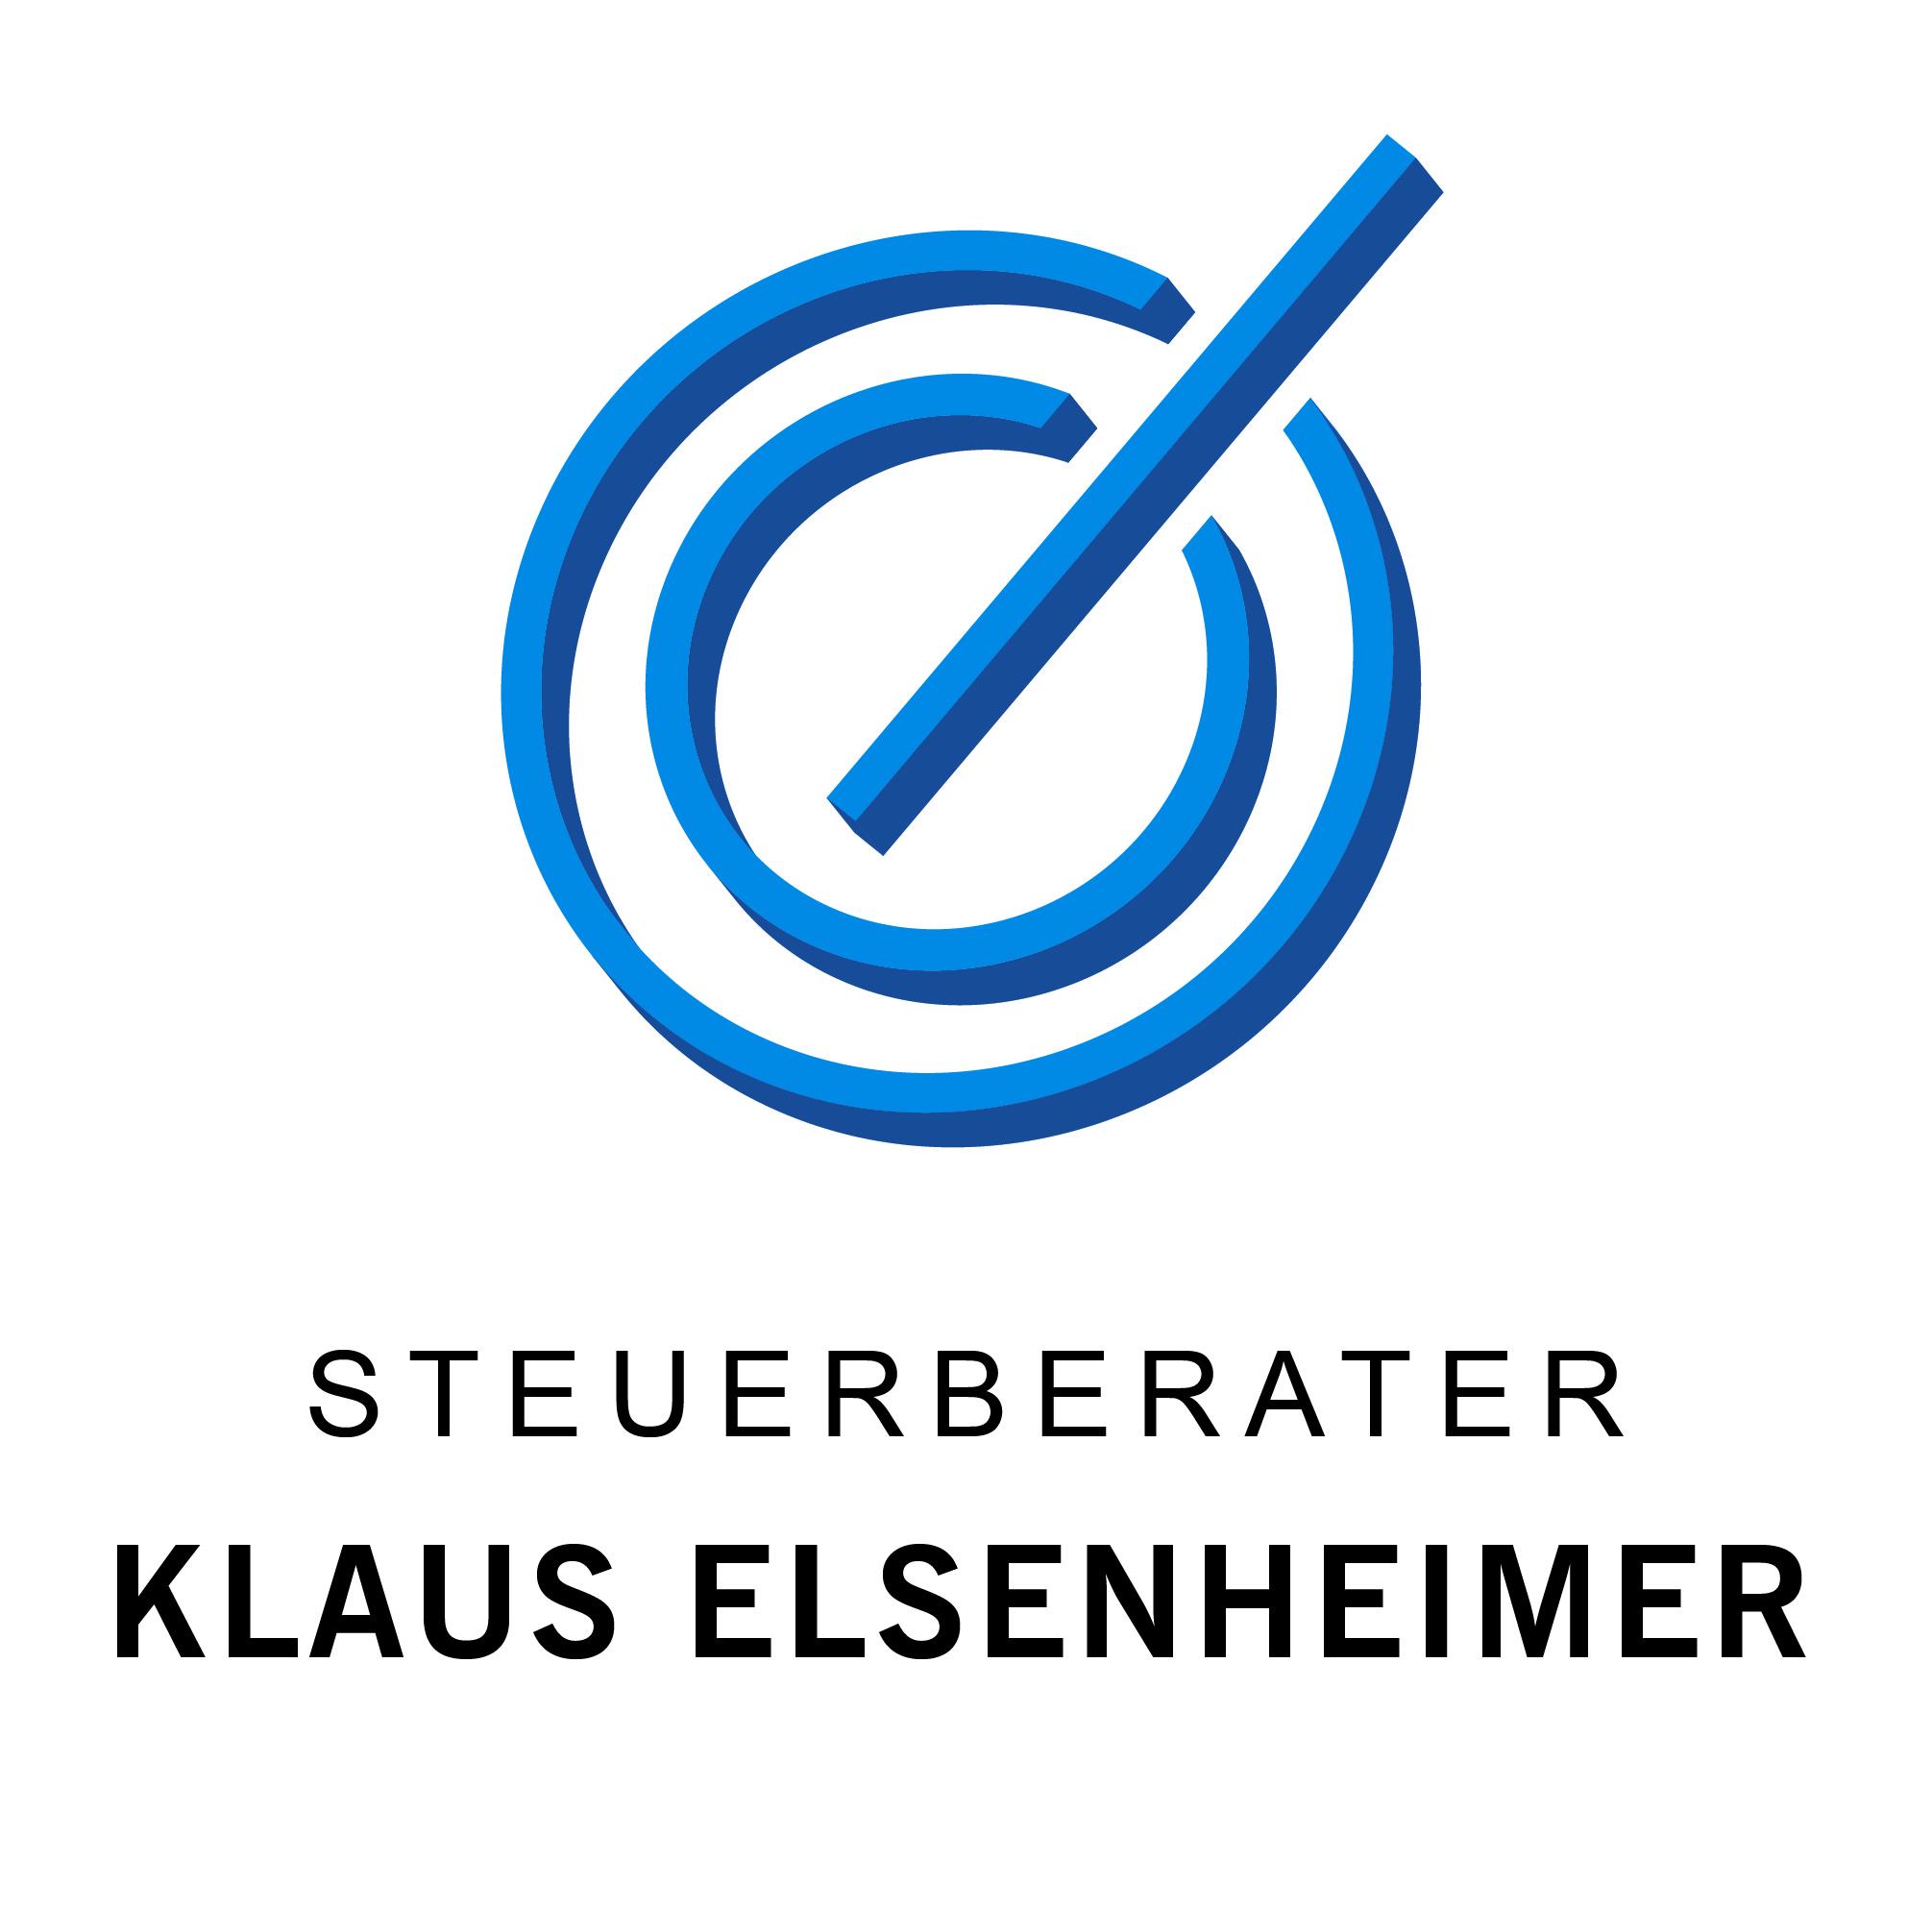 Steuerberater Klaus Elsenheimer Stuttgart